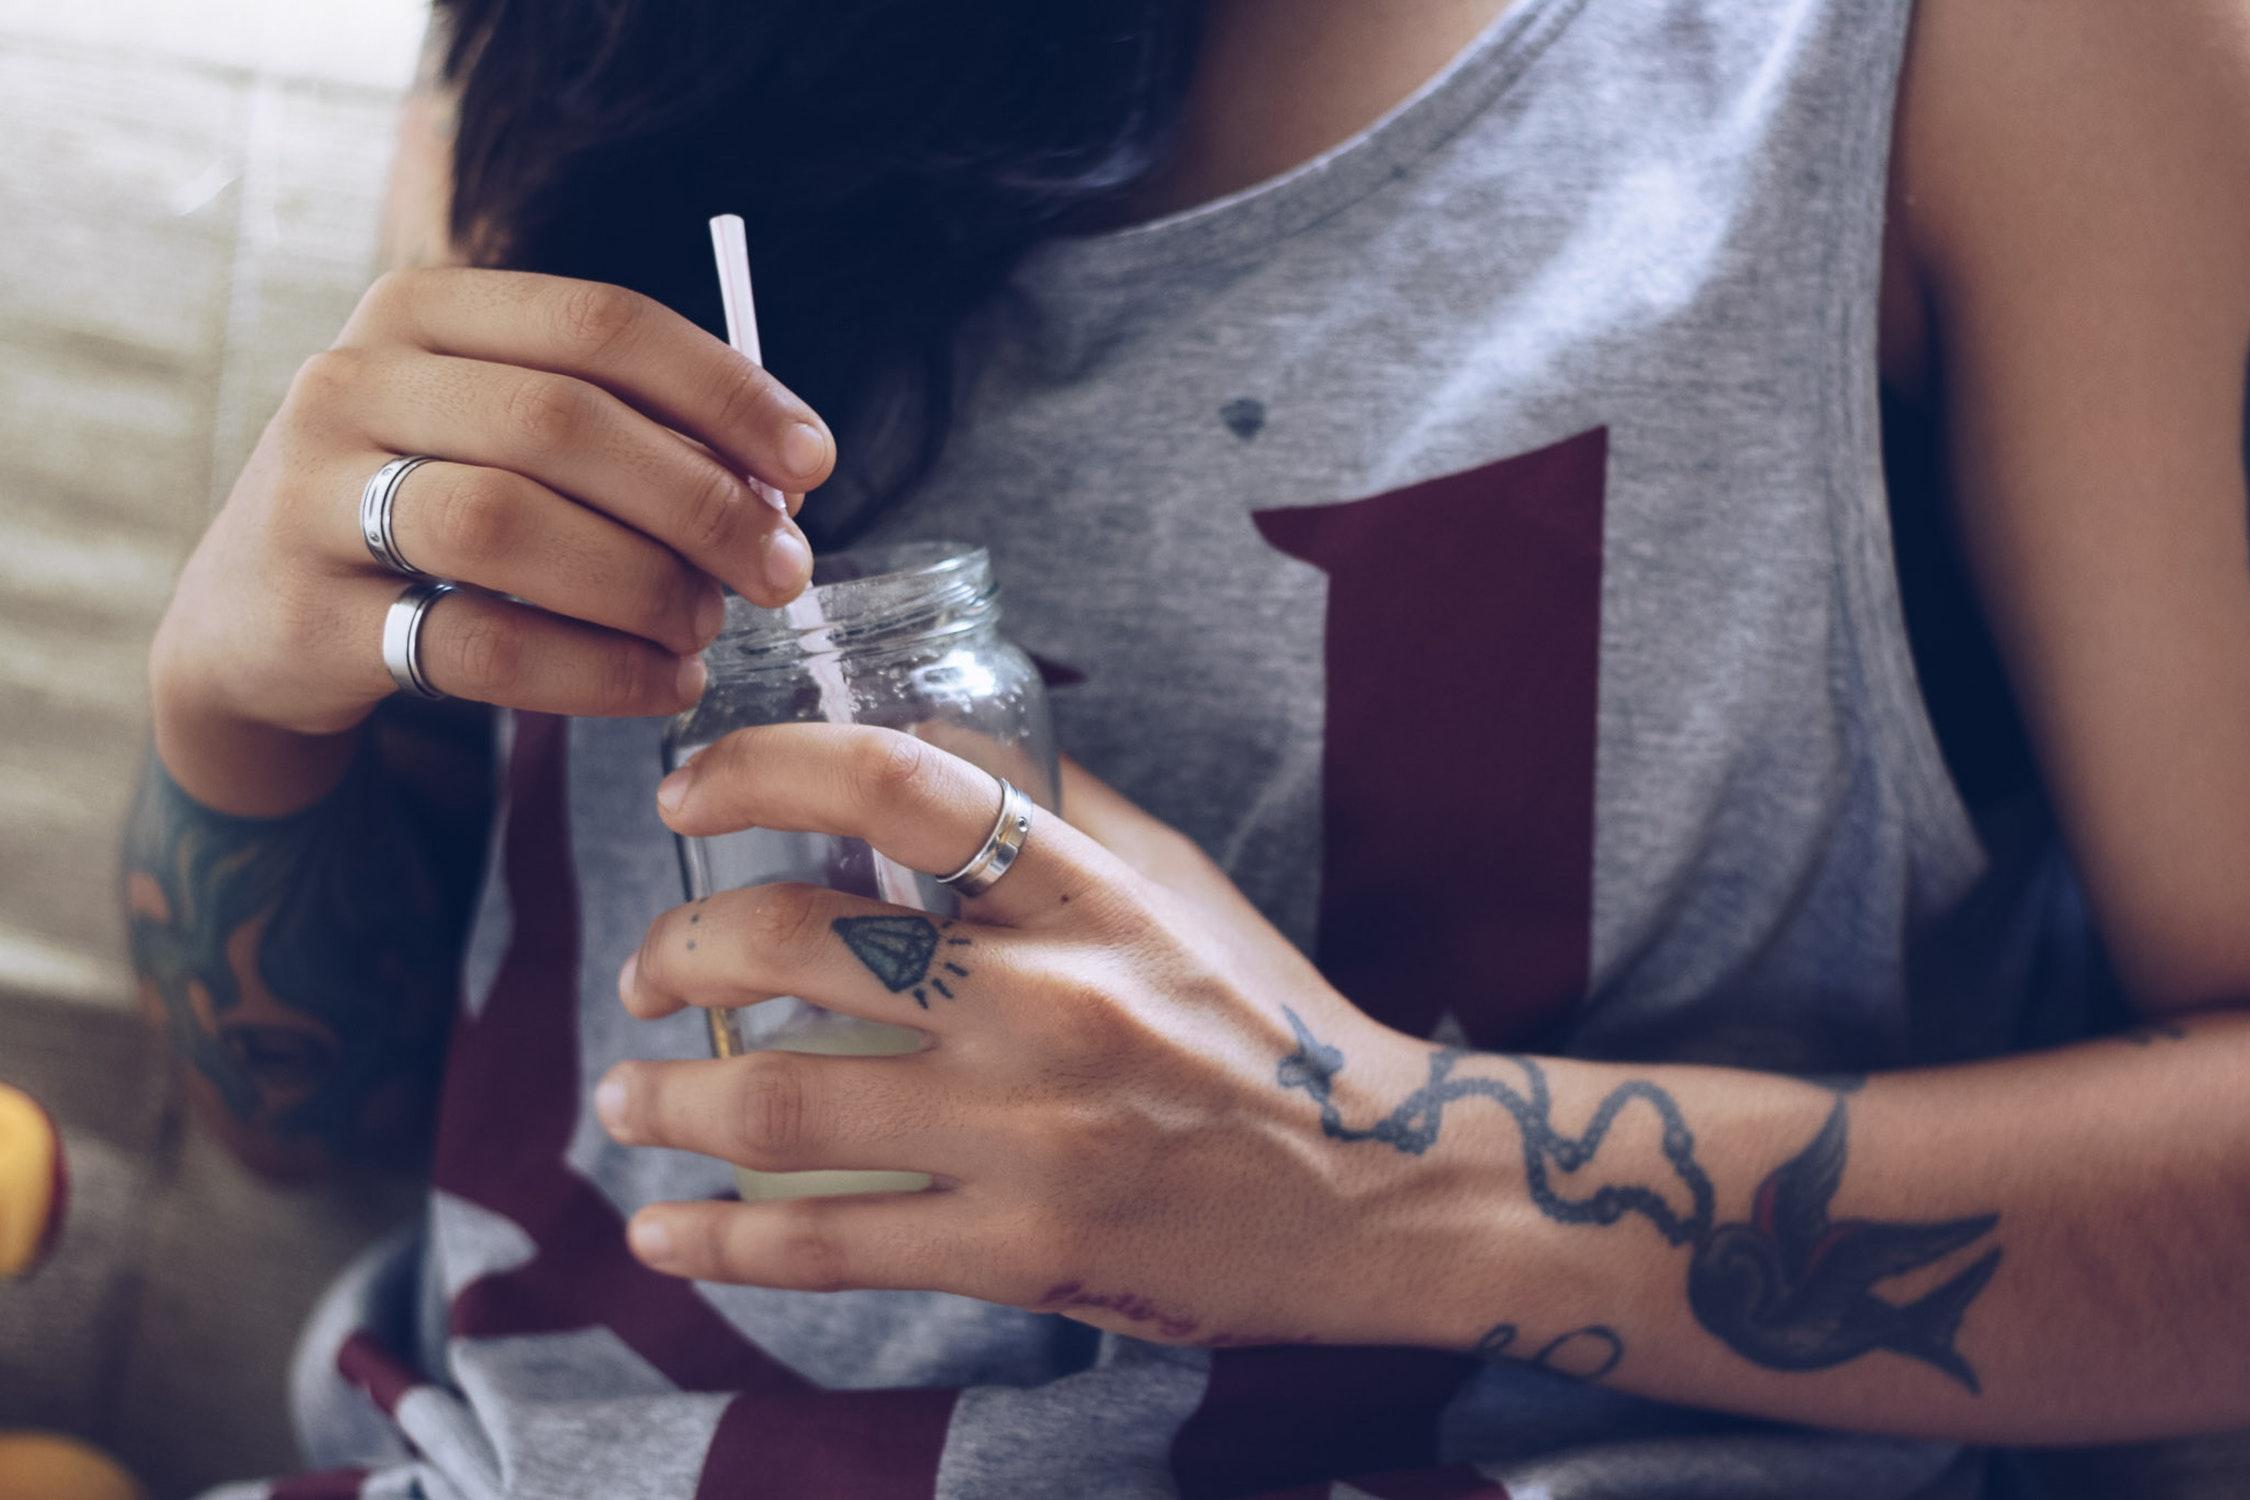 Tatuaże Dla Kobiet Czy To Dobry Pomysł Ciekawa Kobieta